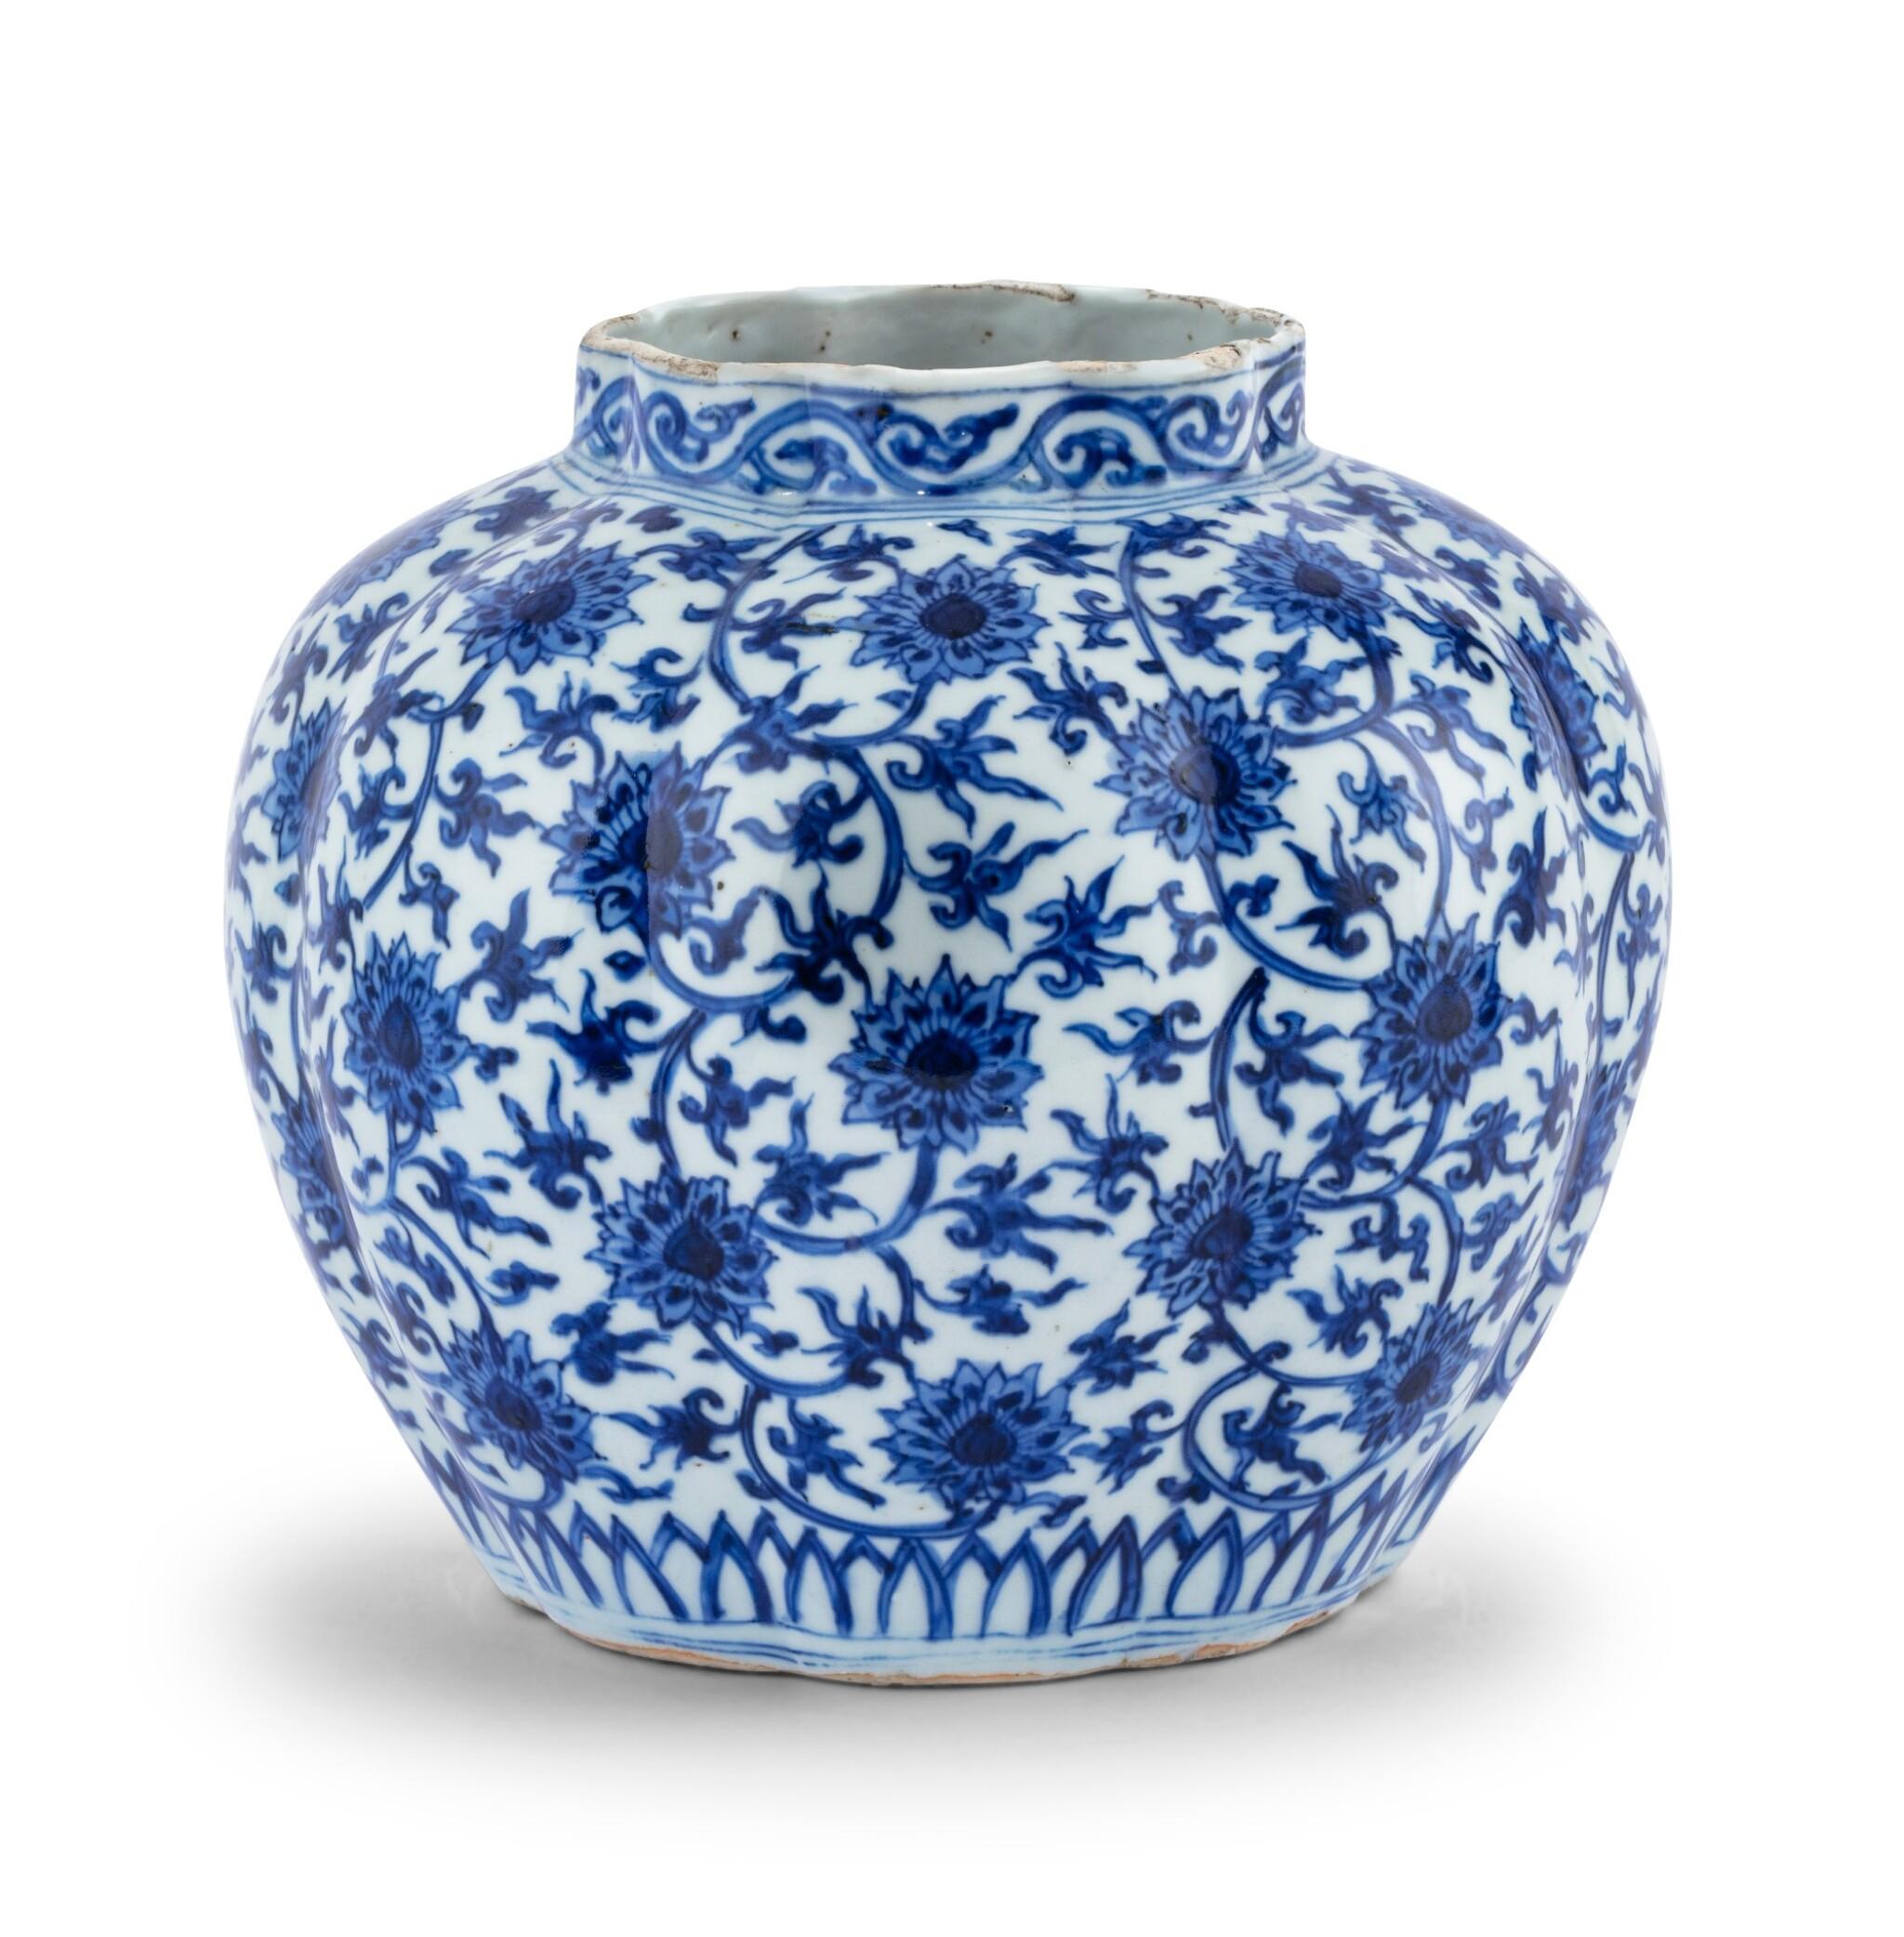 View 1 of Lot 16. Vase lobé bleu blanc à décor de lotus Dynastie Ming, époque Jiajing   明嘉靖 青花纏枝蓮紋瓜棱式罐   A lobed blue and white 'lotus' vase, Ming Dynasty, Jiajing period.